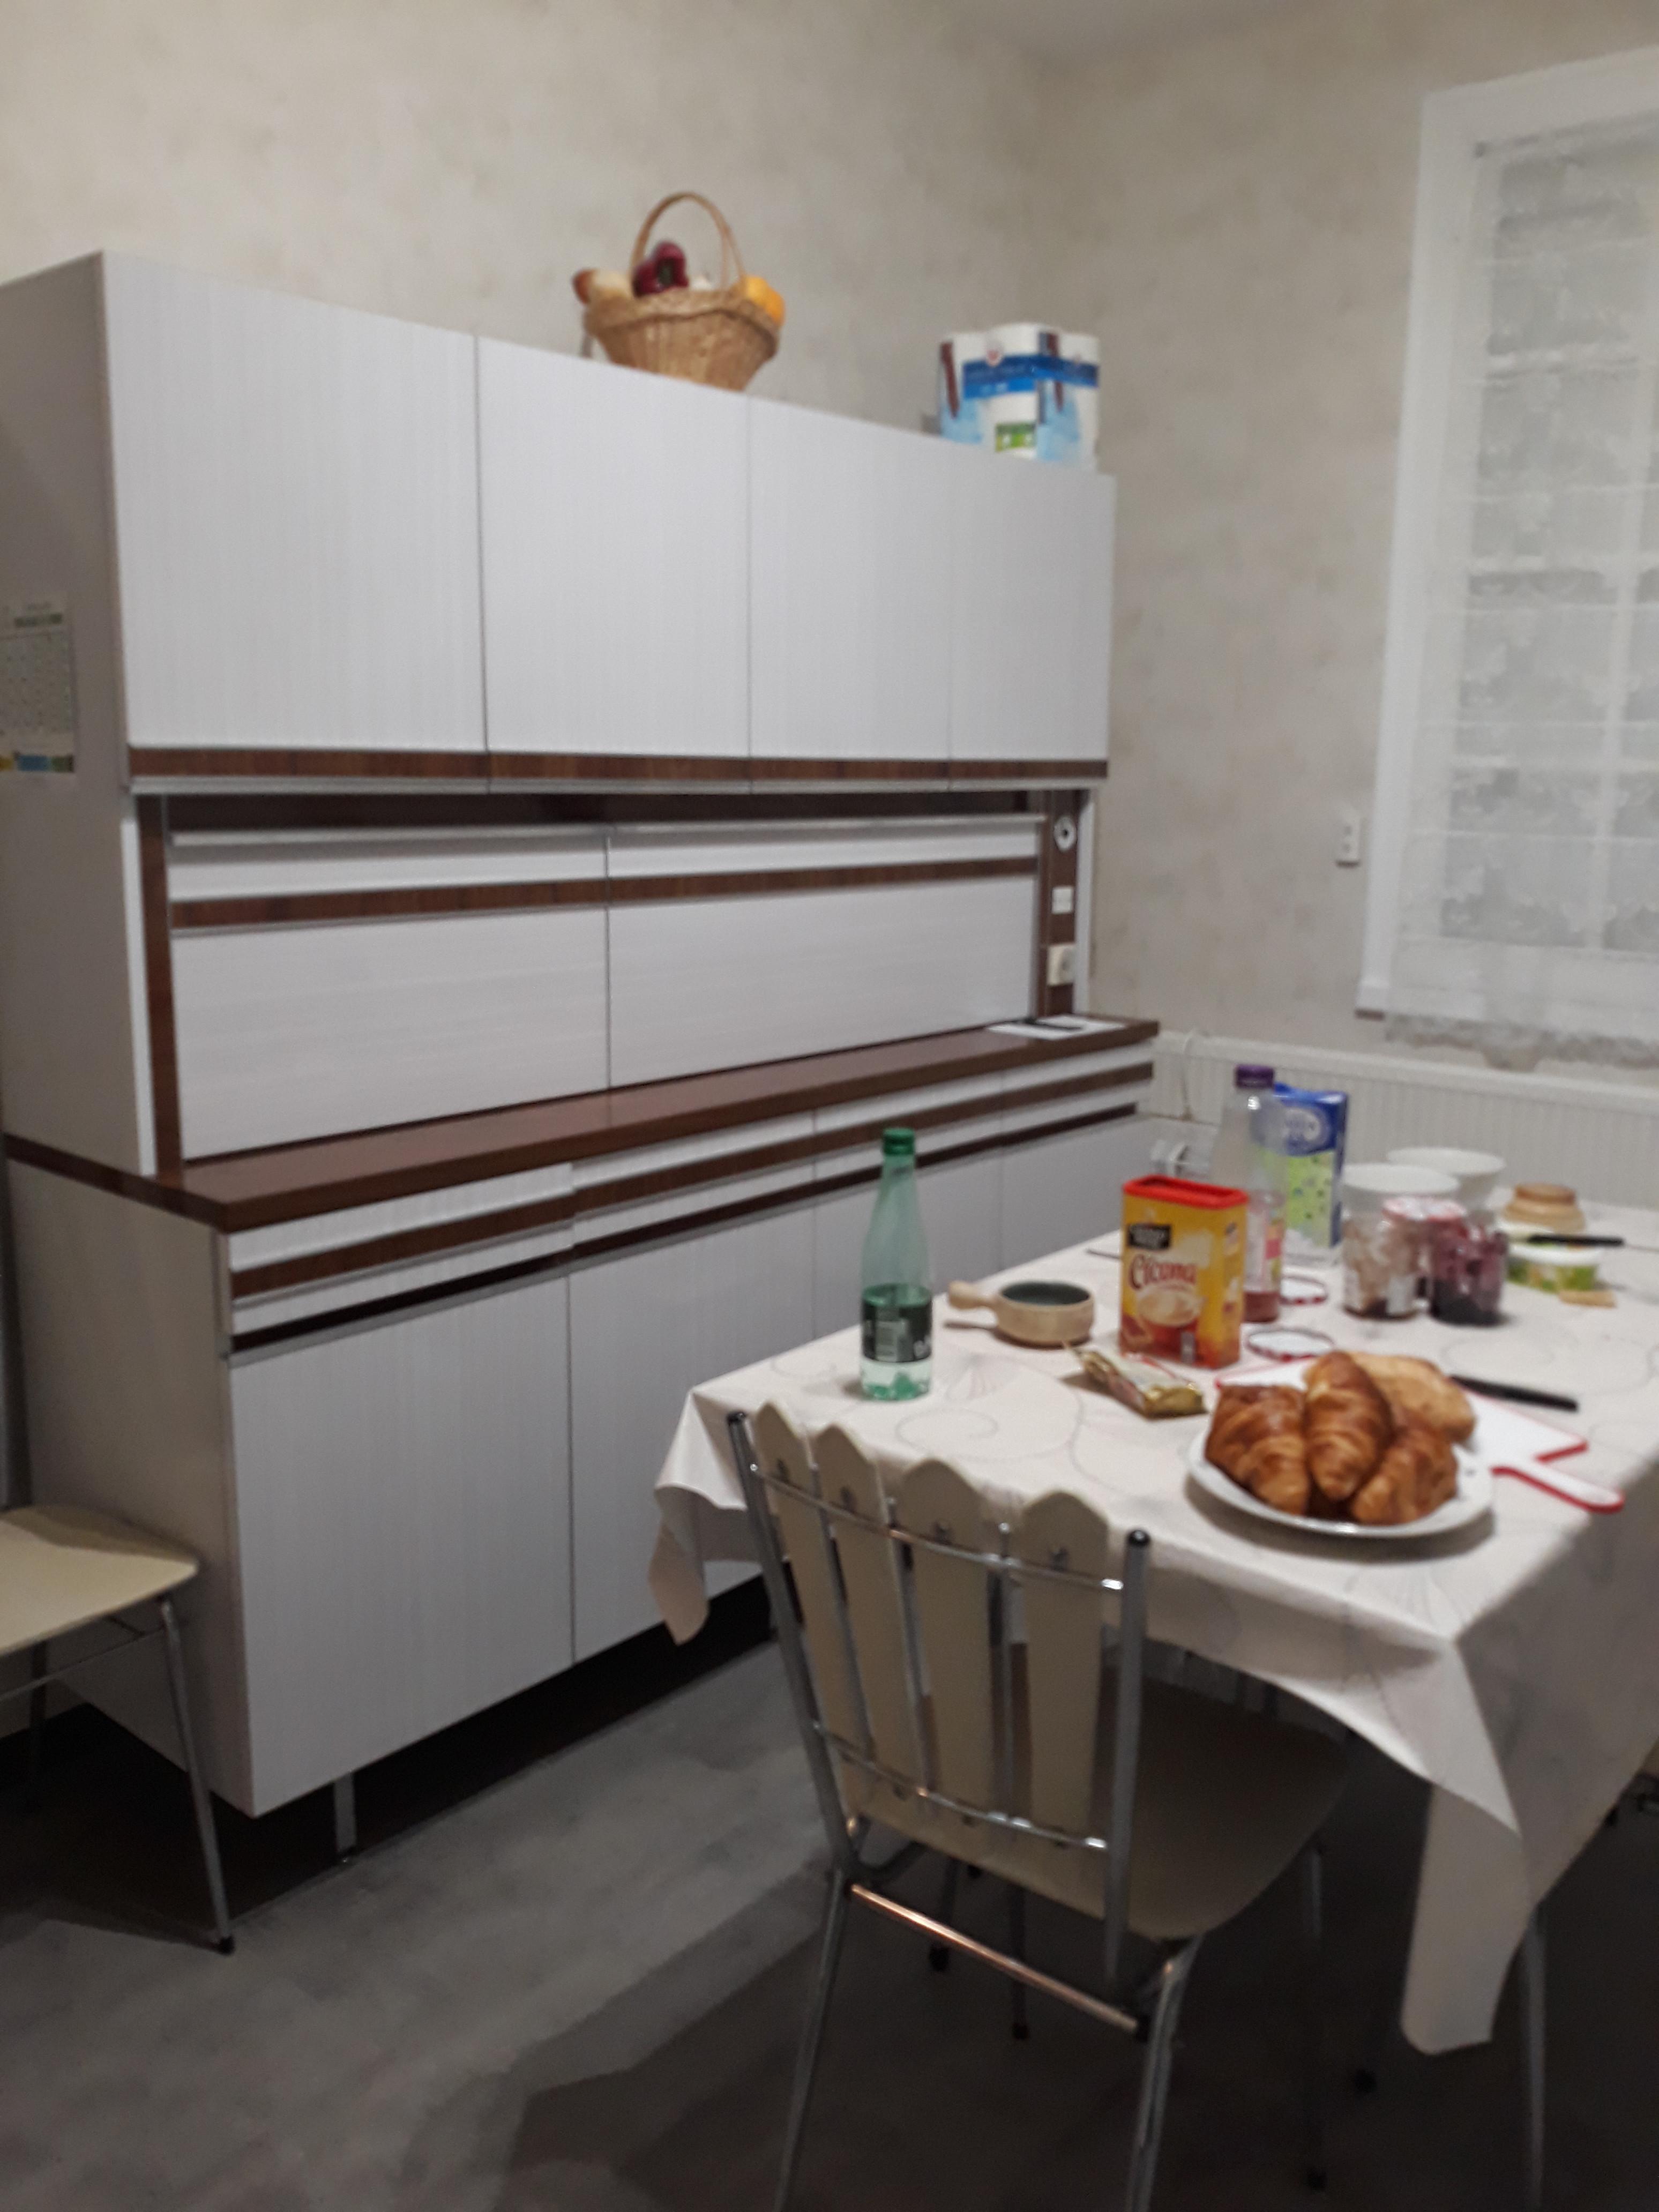 Buffet Cuisine Formica 1970 Vintage Les Vieilles Choses